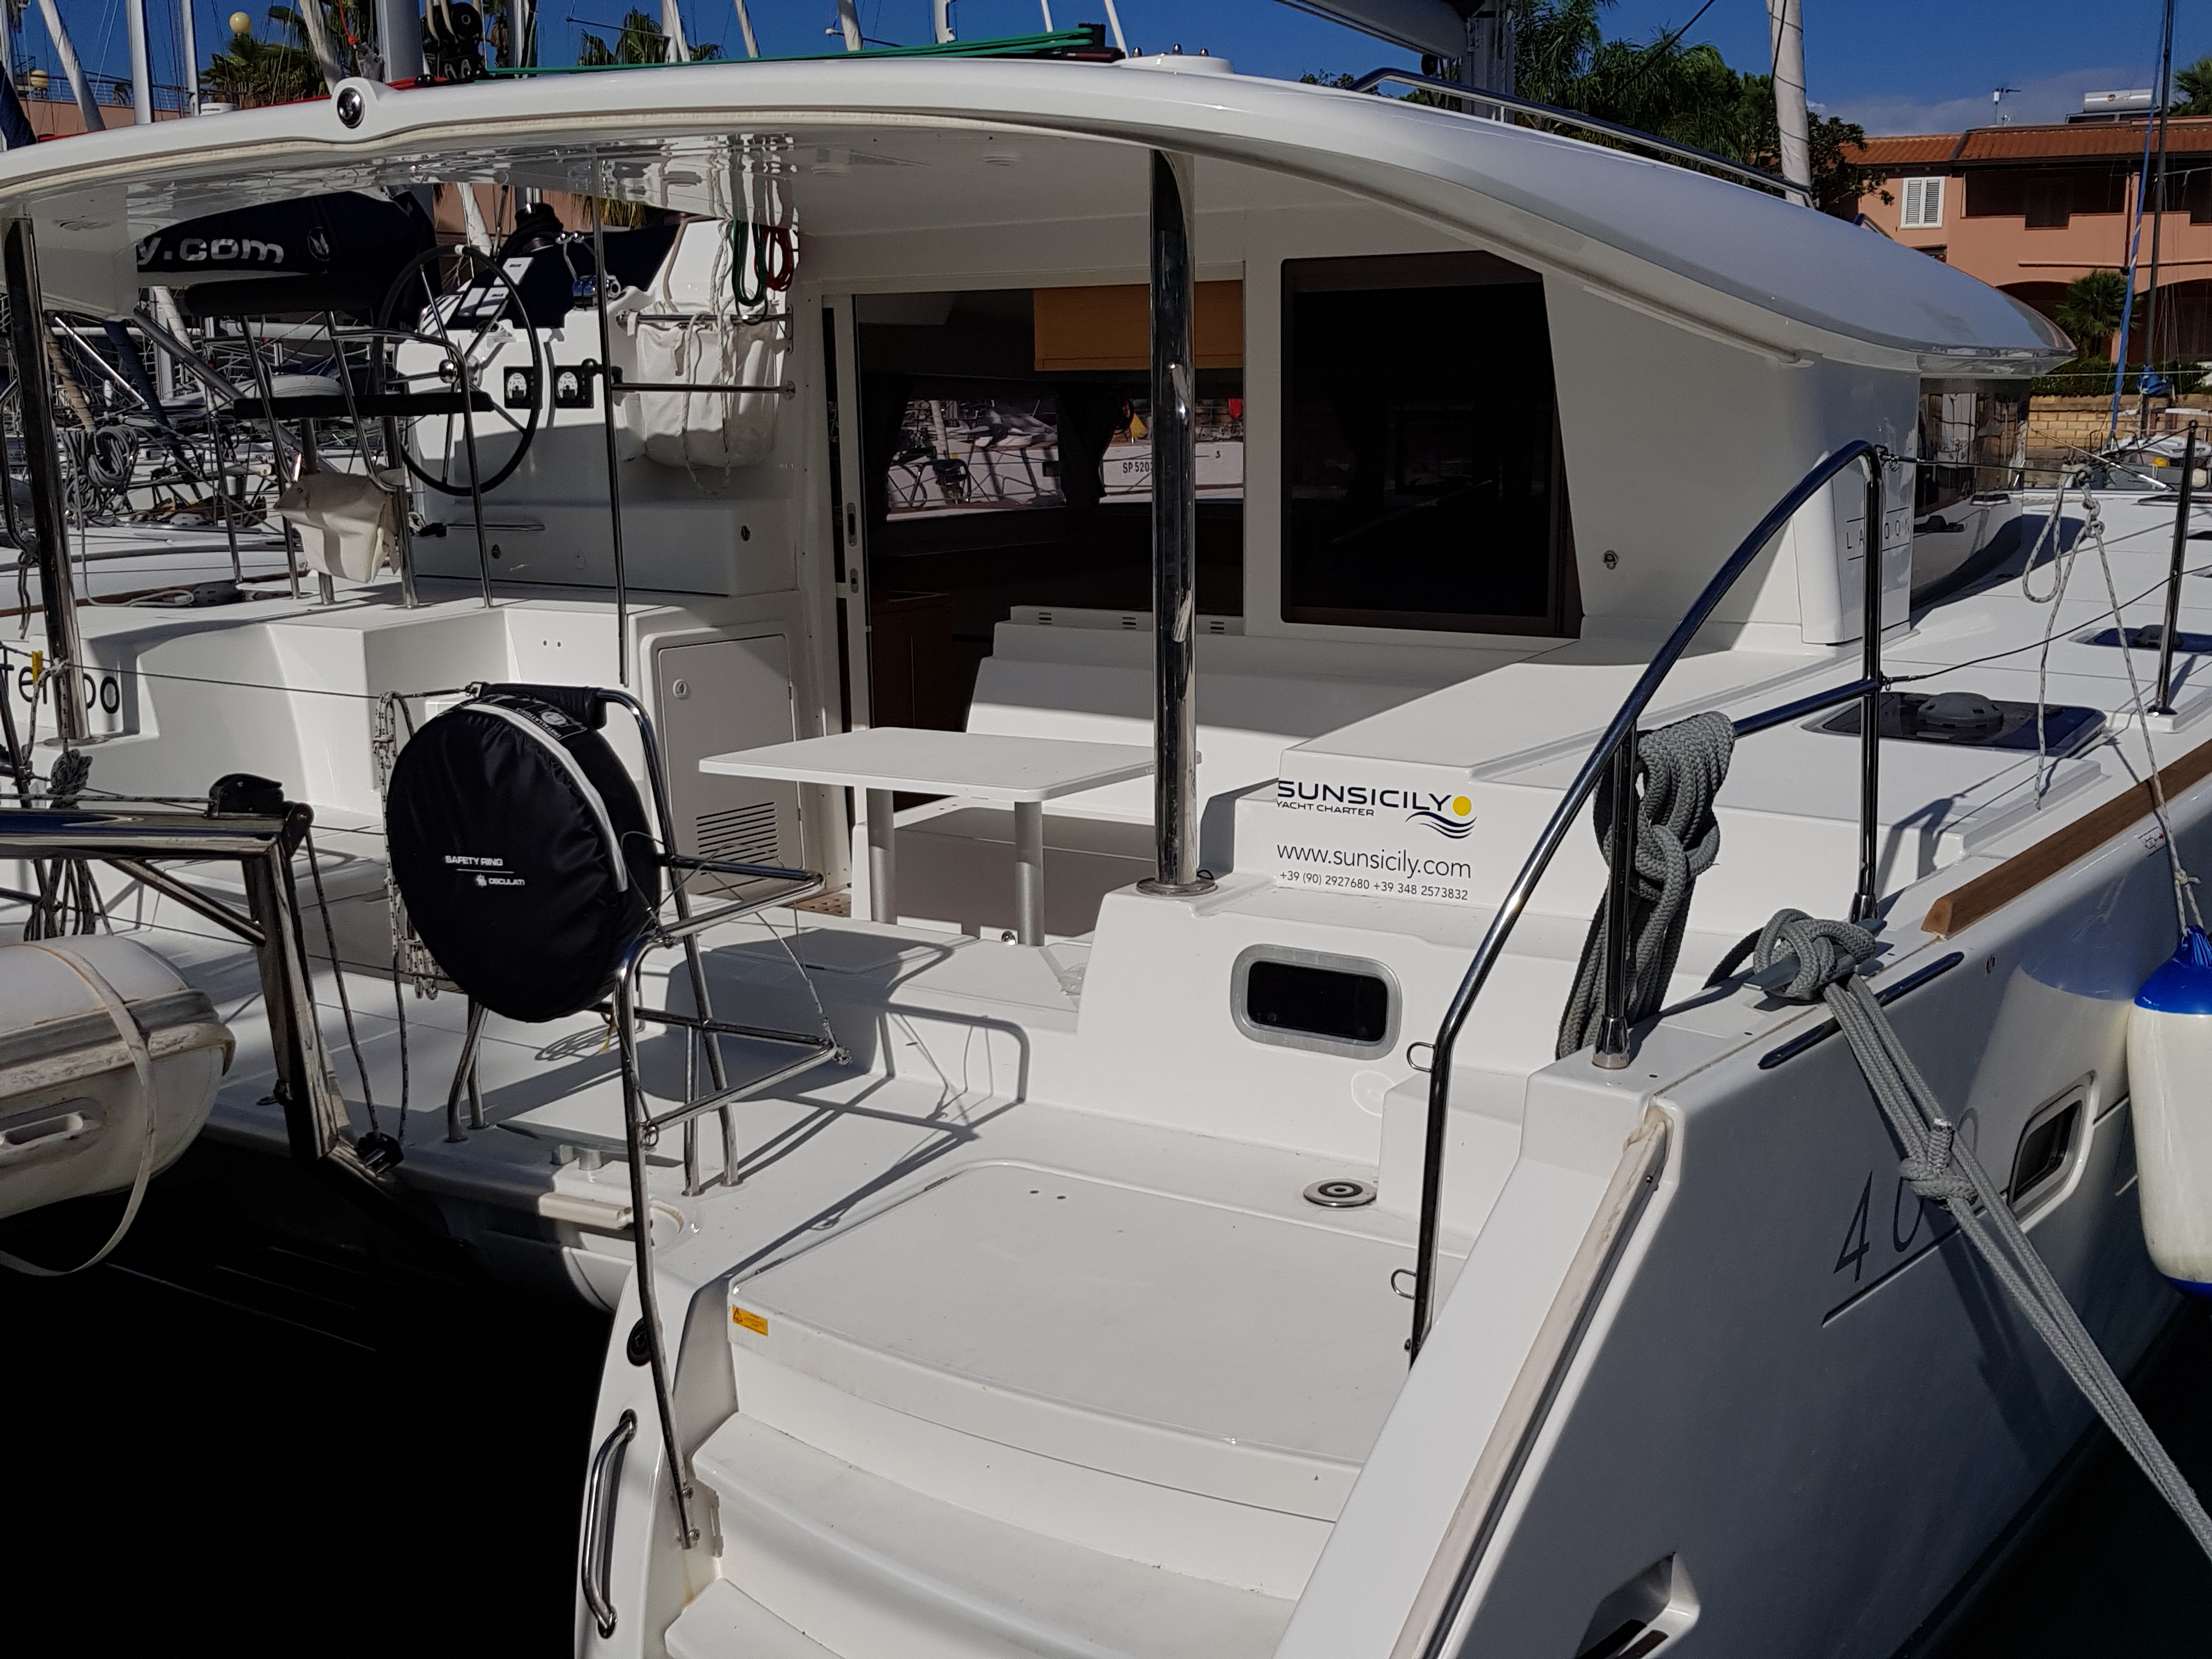 lagoon 400 s2 Sun Sicily yacht chart